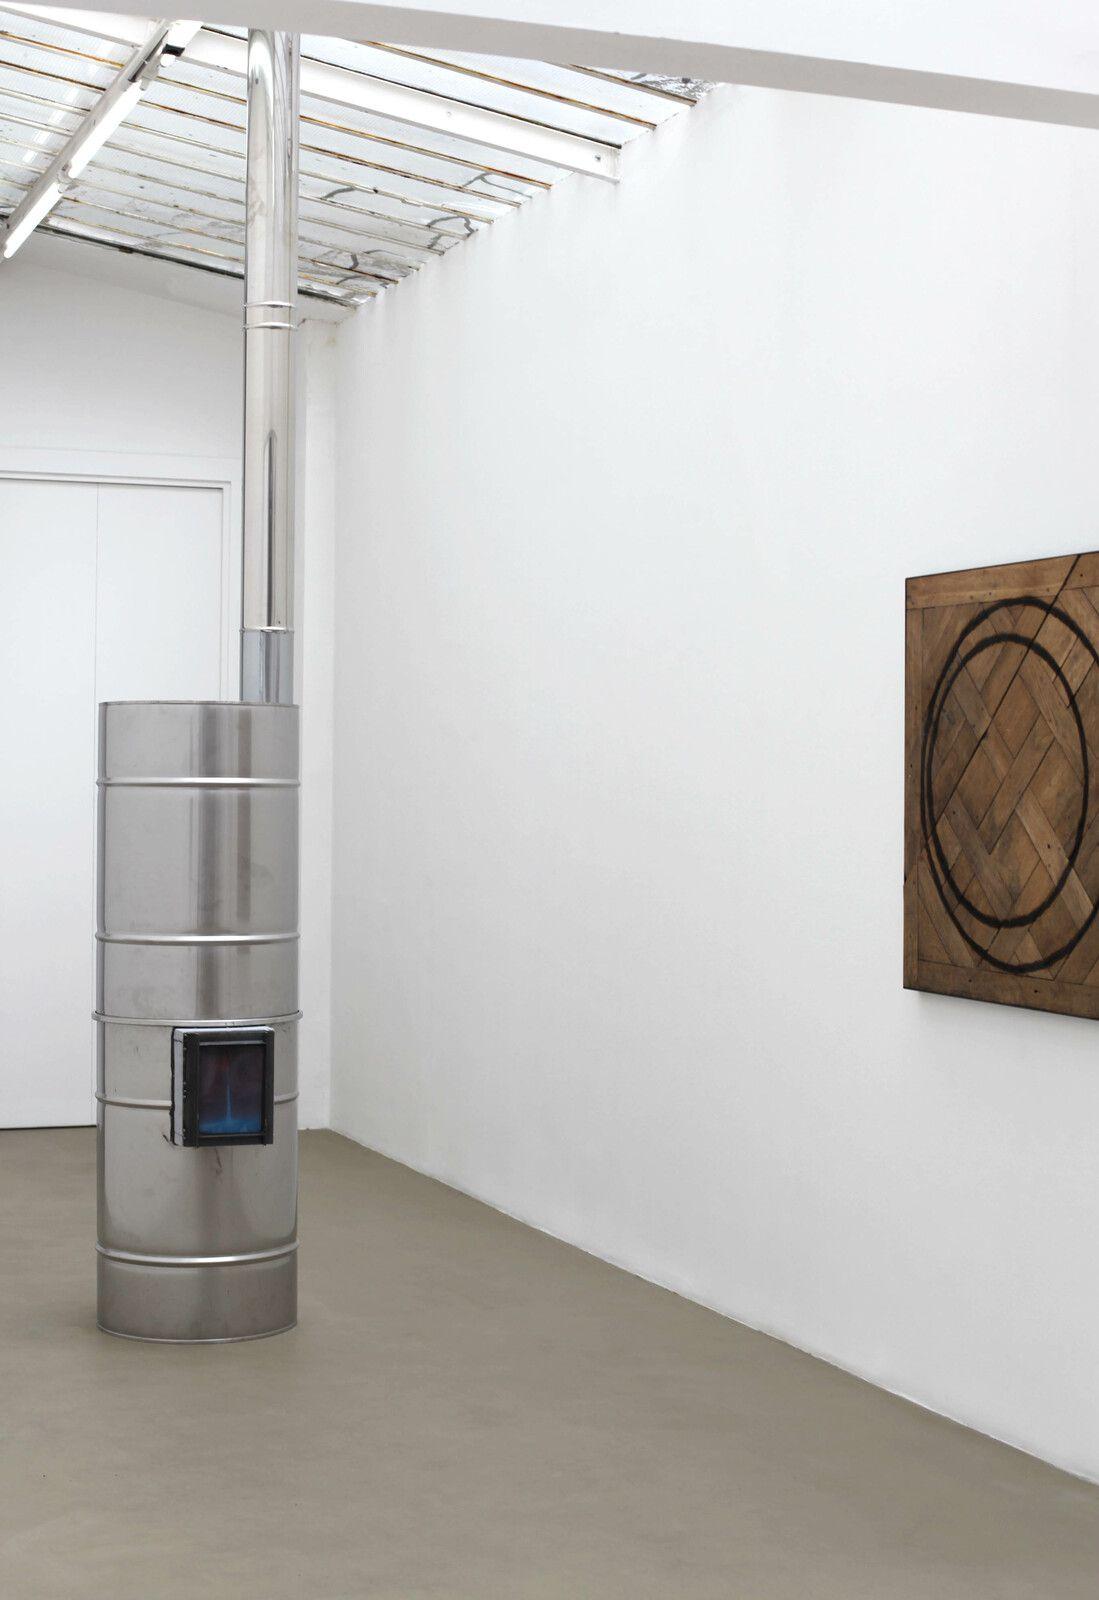 """""""Inox roquette"""", 2021 de Oscar TUAZON - Courtesy de l'artiste et de la Galerie Chantal Crousel © Photo Éric Simon"""